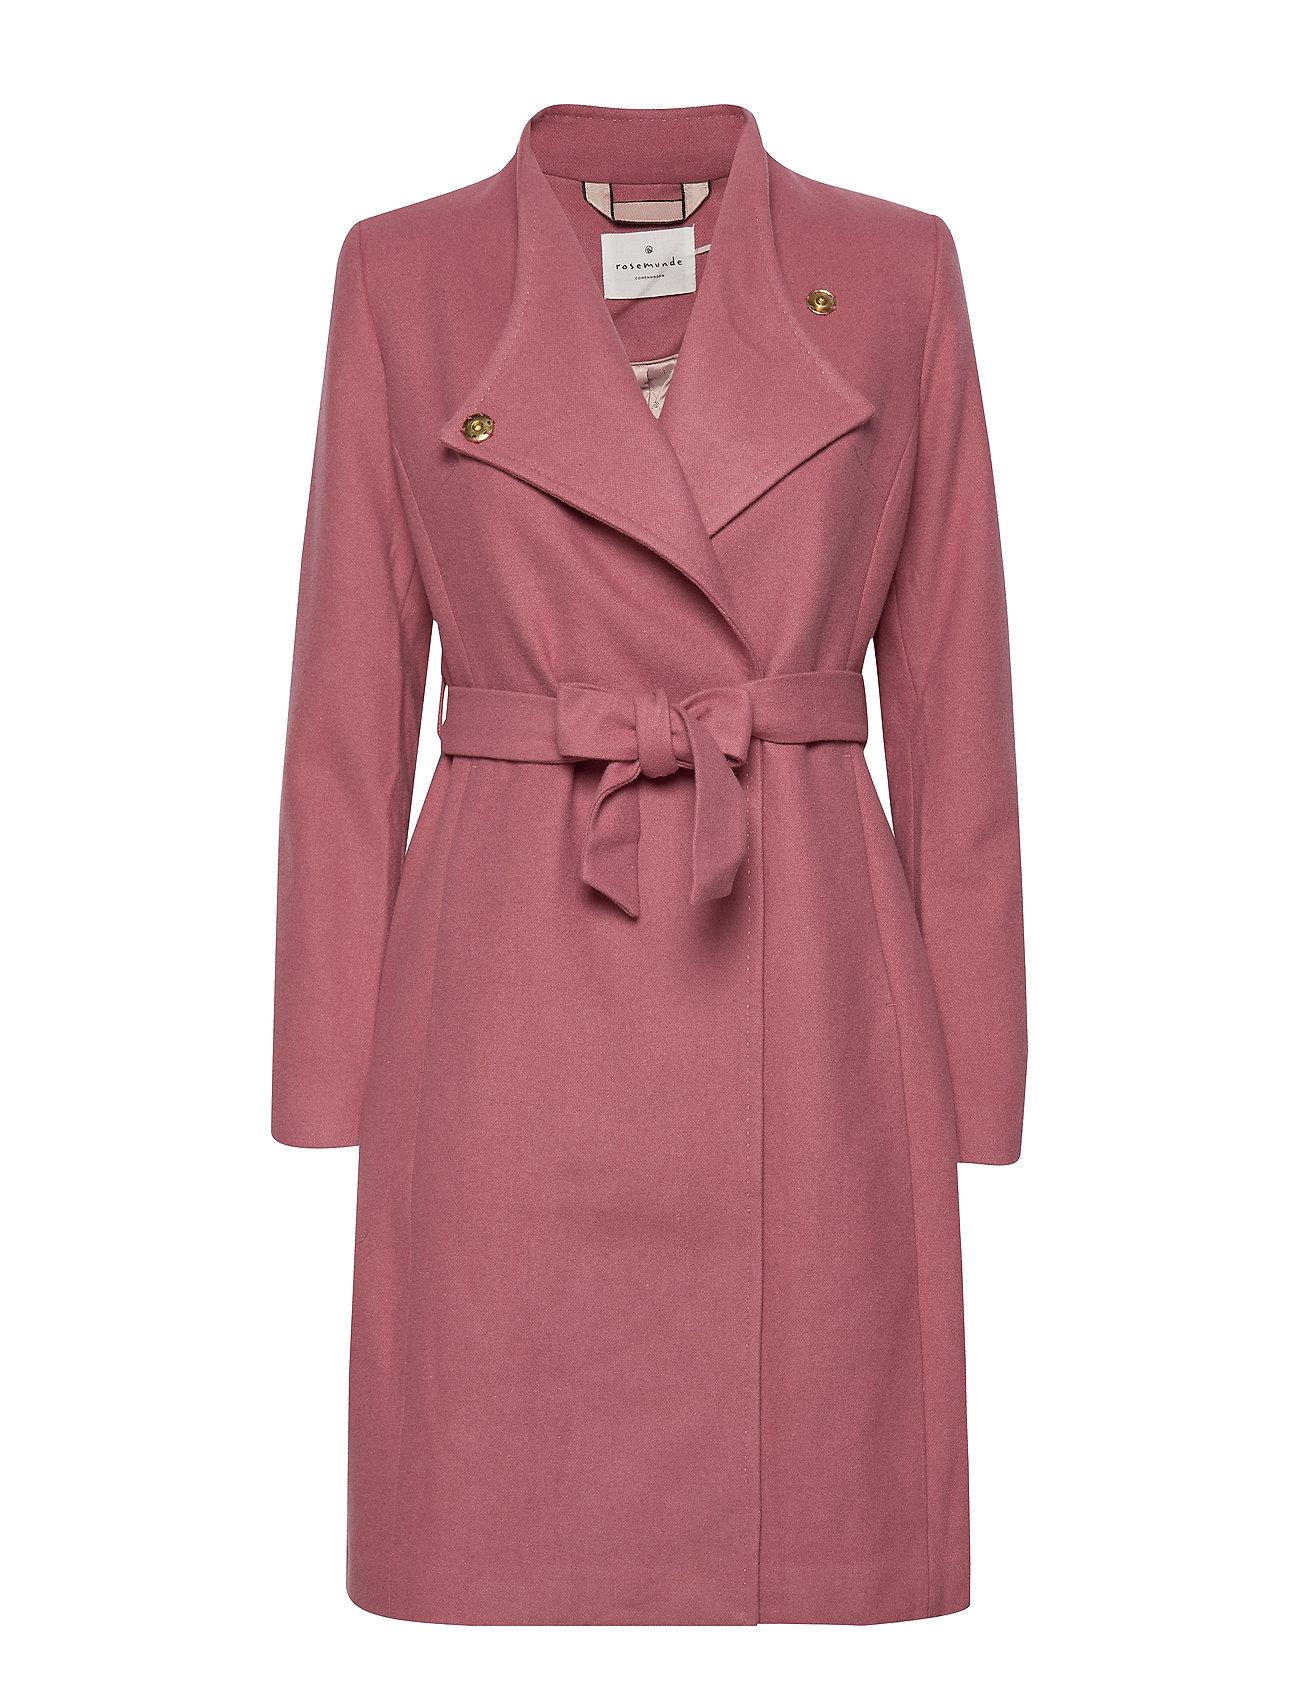 Rosemunde Coat ls - MESA ROSE